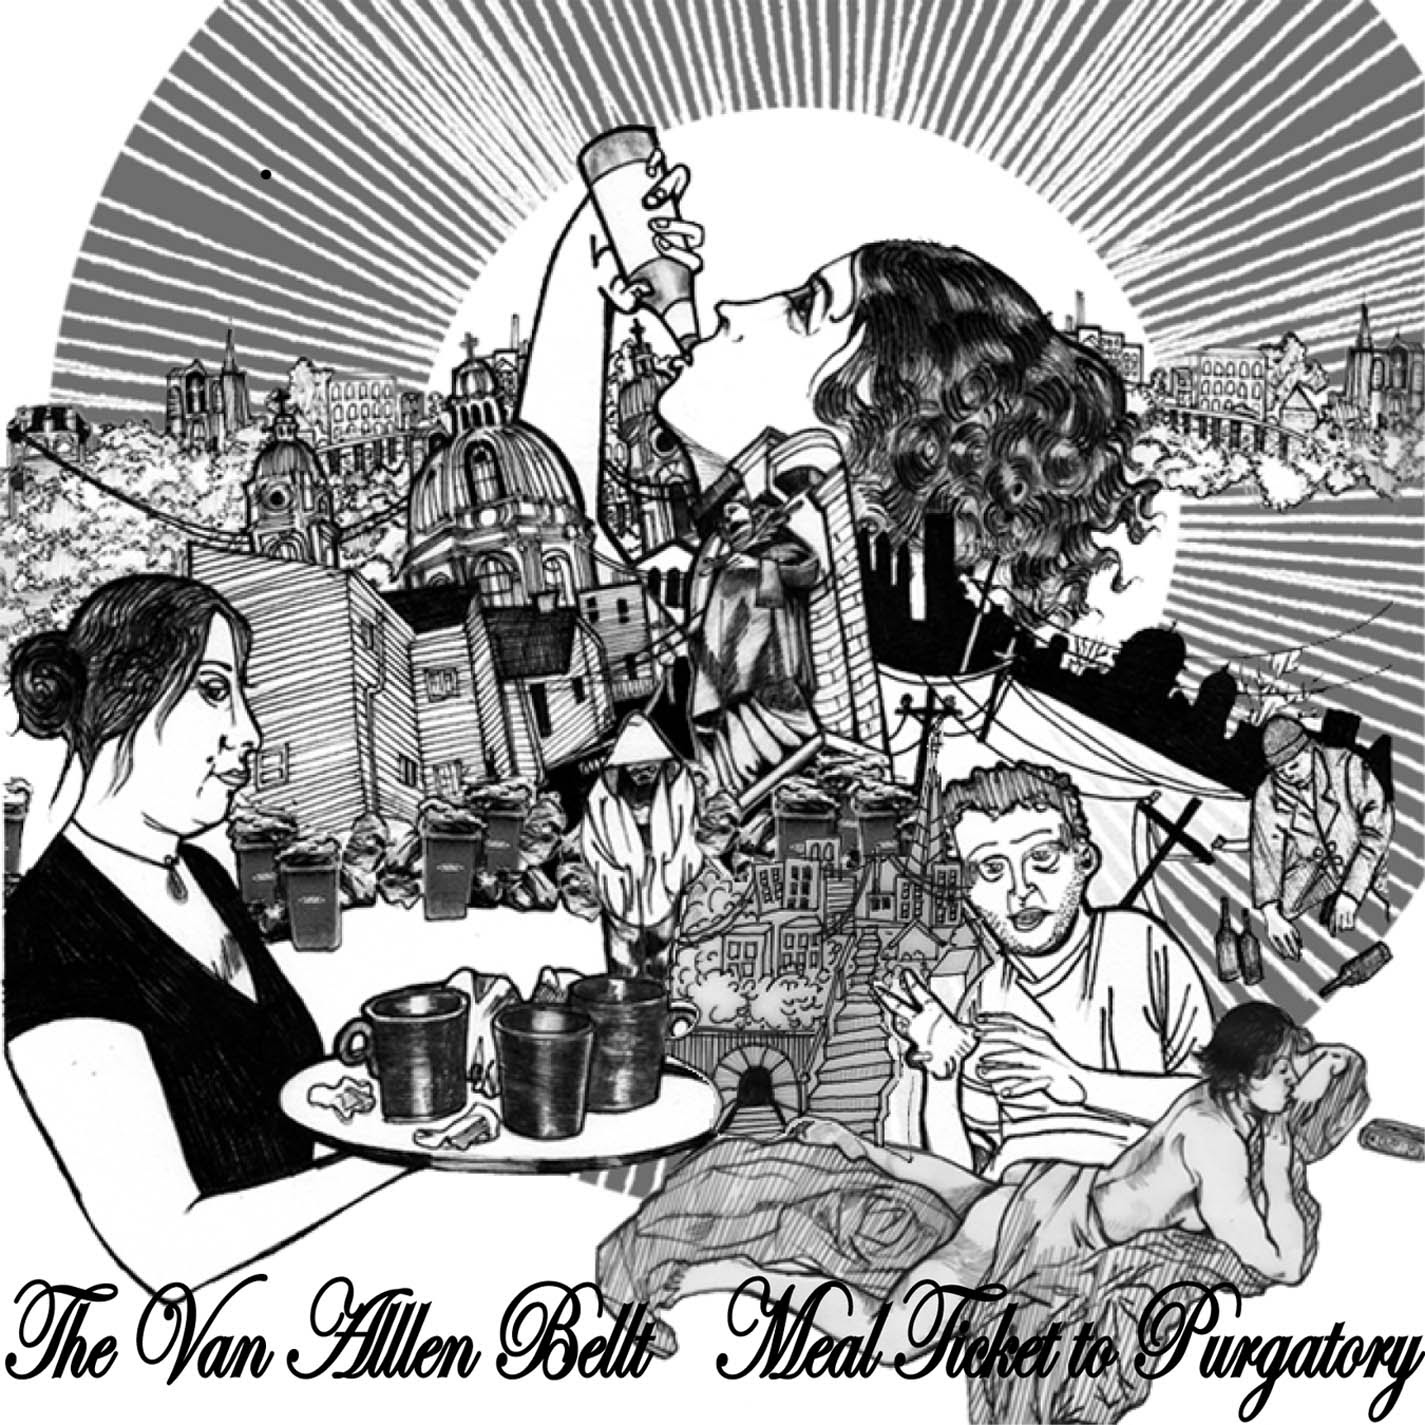 Van Allen Belt - Meal Ticket to Purgatory